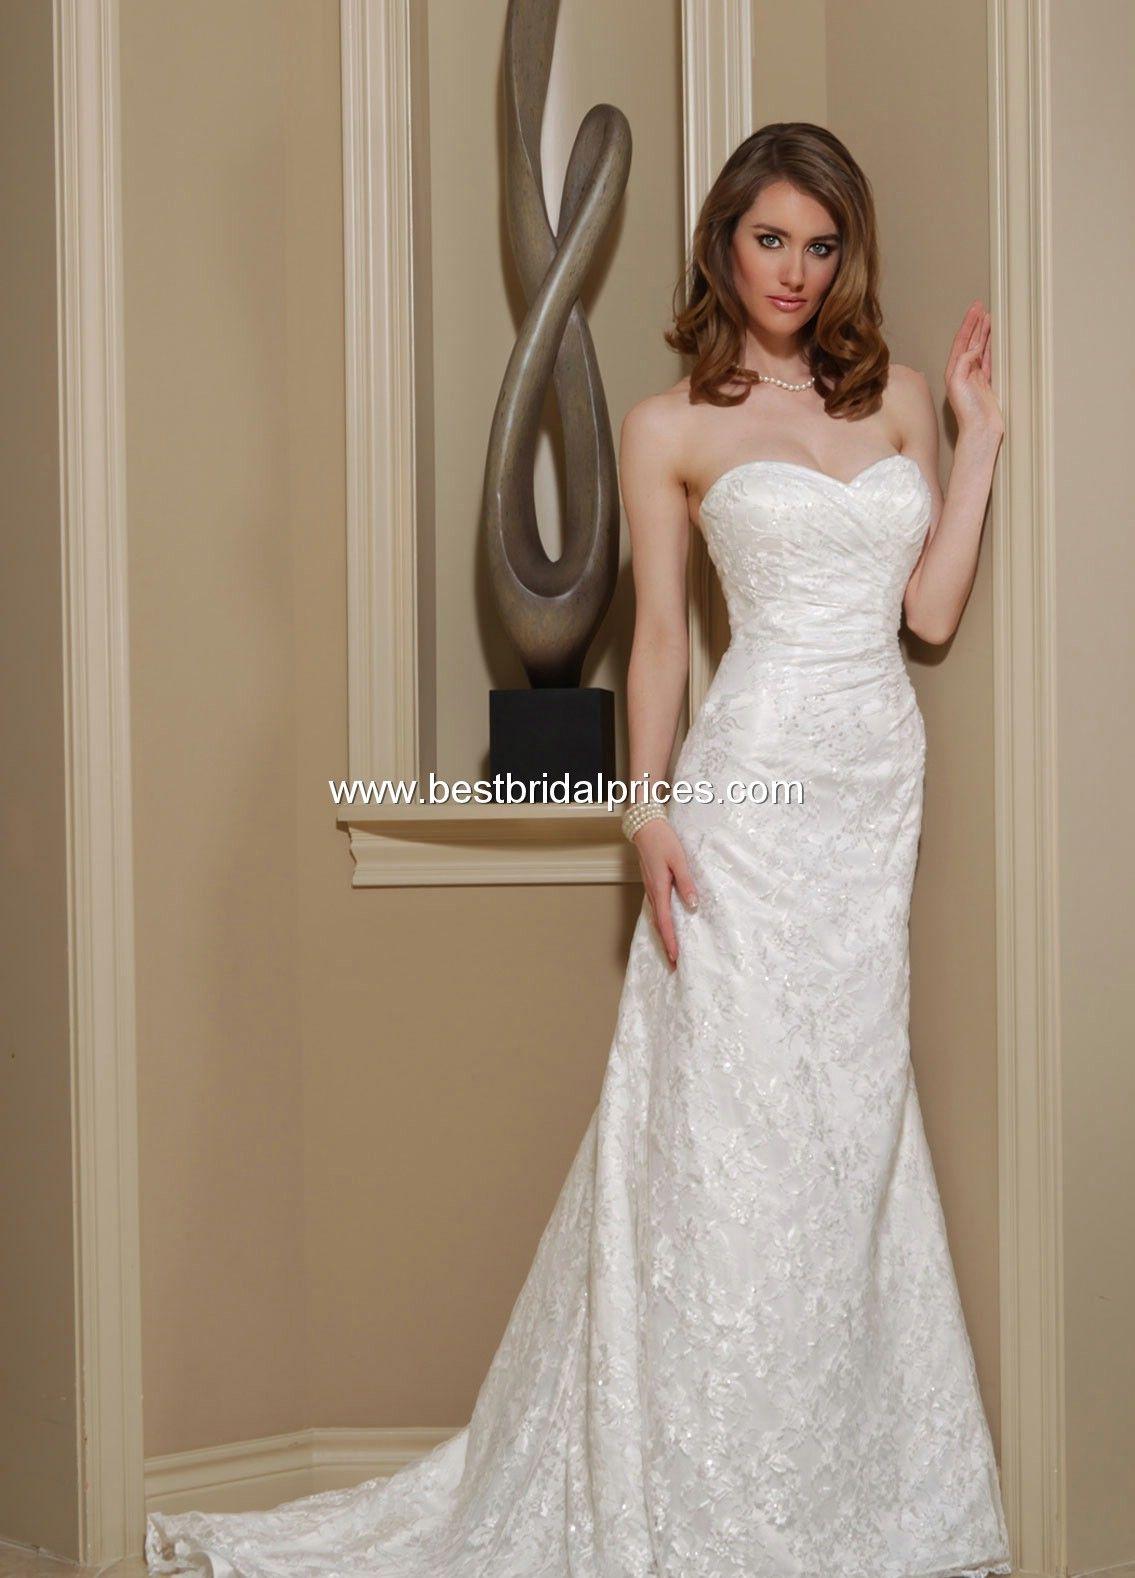 Ziemlich Ganzfigurig Brautkleid Zeitgenössisch - Brautkleider Ideen ...